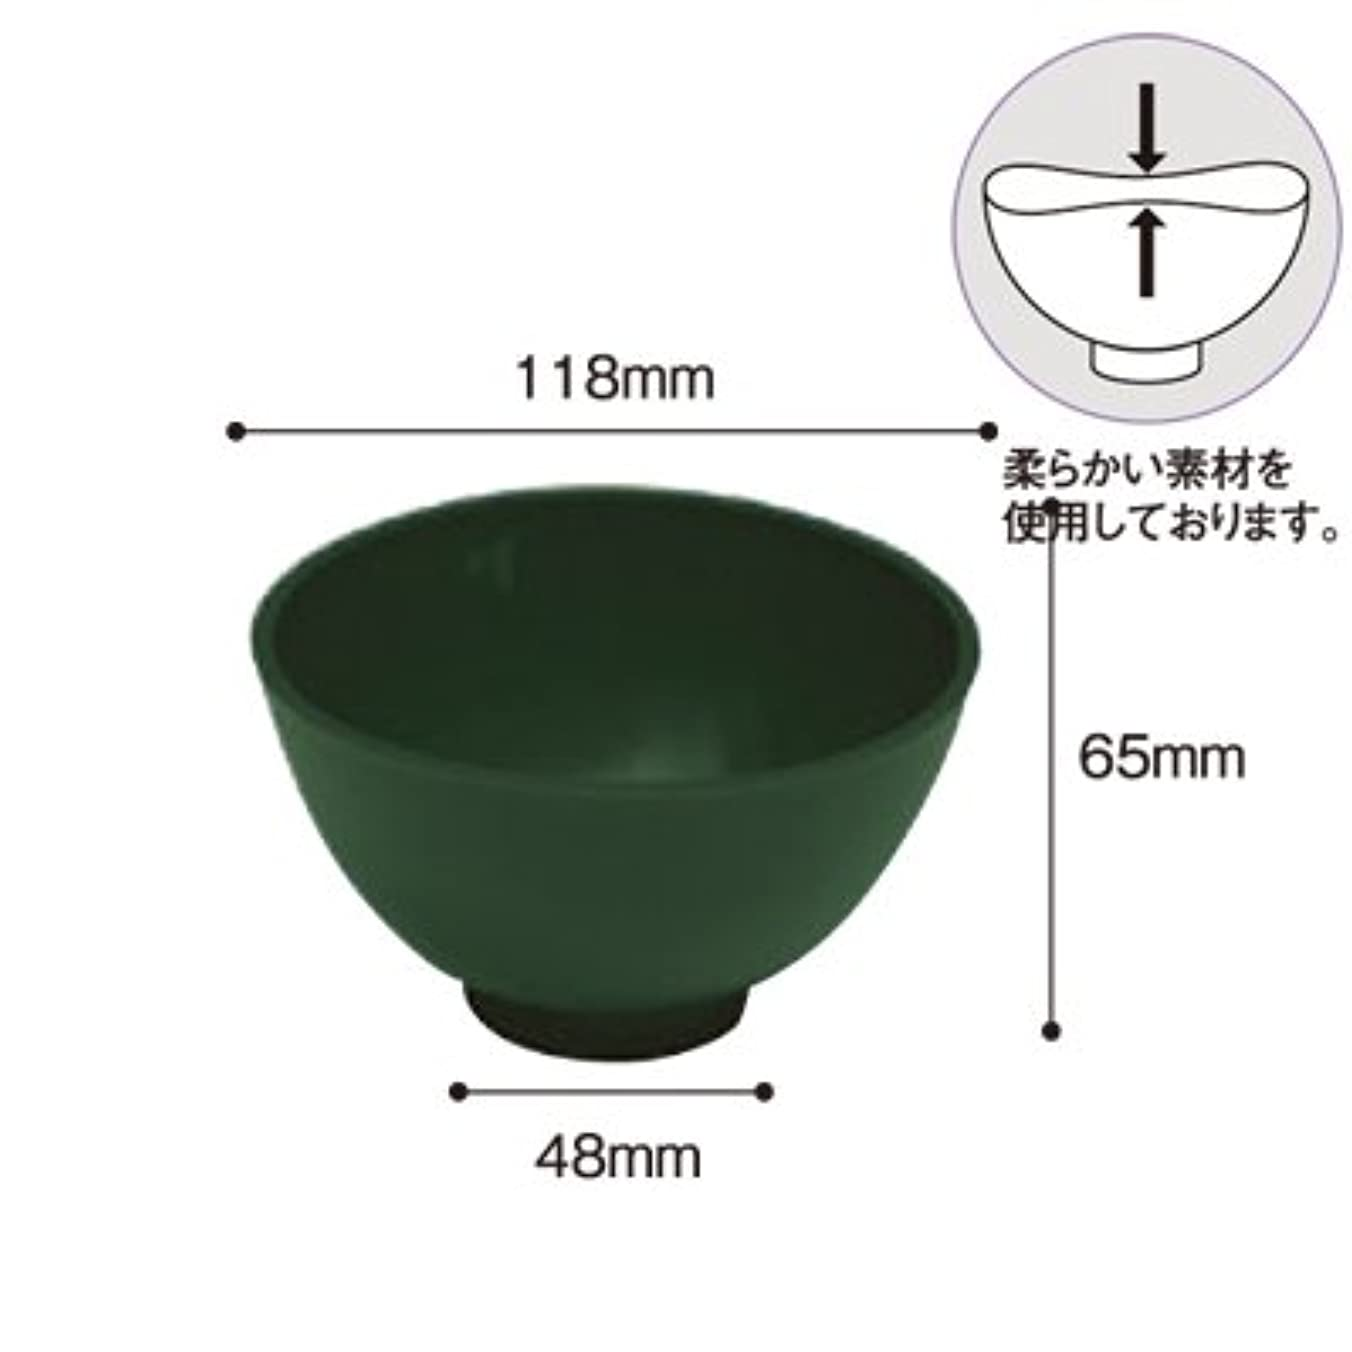 むしゃむしゃ摂動苦(ロータス)LOTUS ラバーボウル エステ サロン 割れない カップ 歯科 Mサイズ (直径:127mm)グリーン